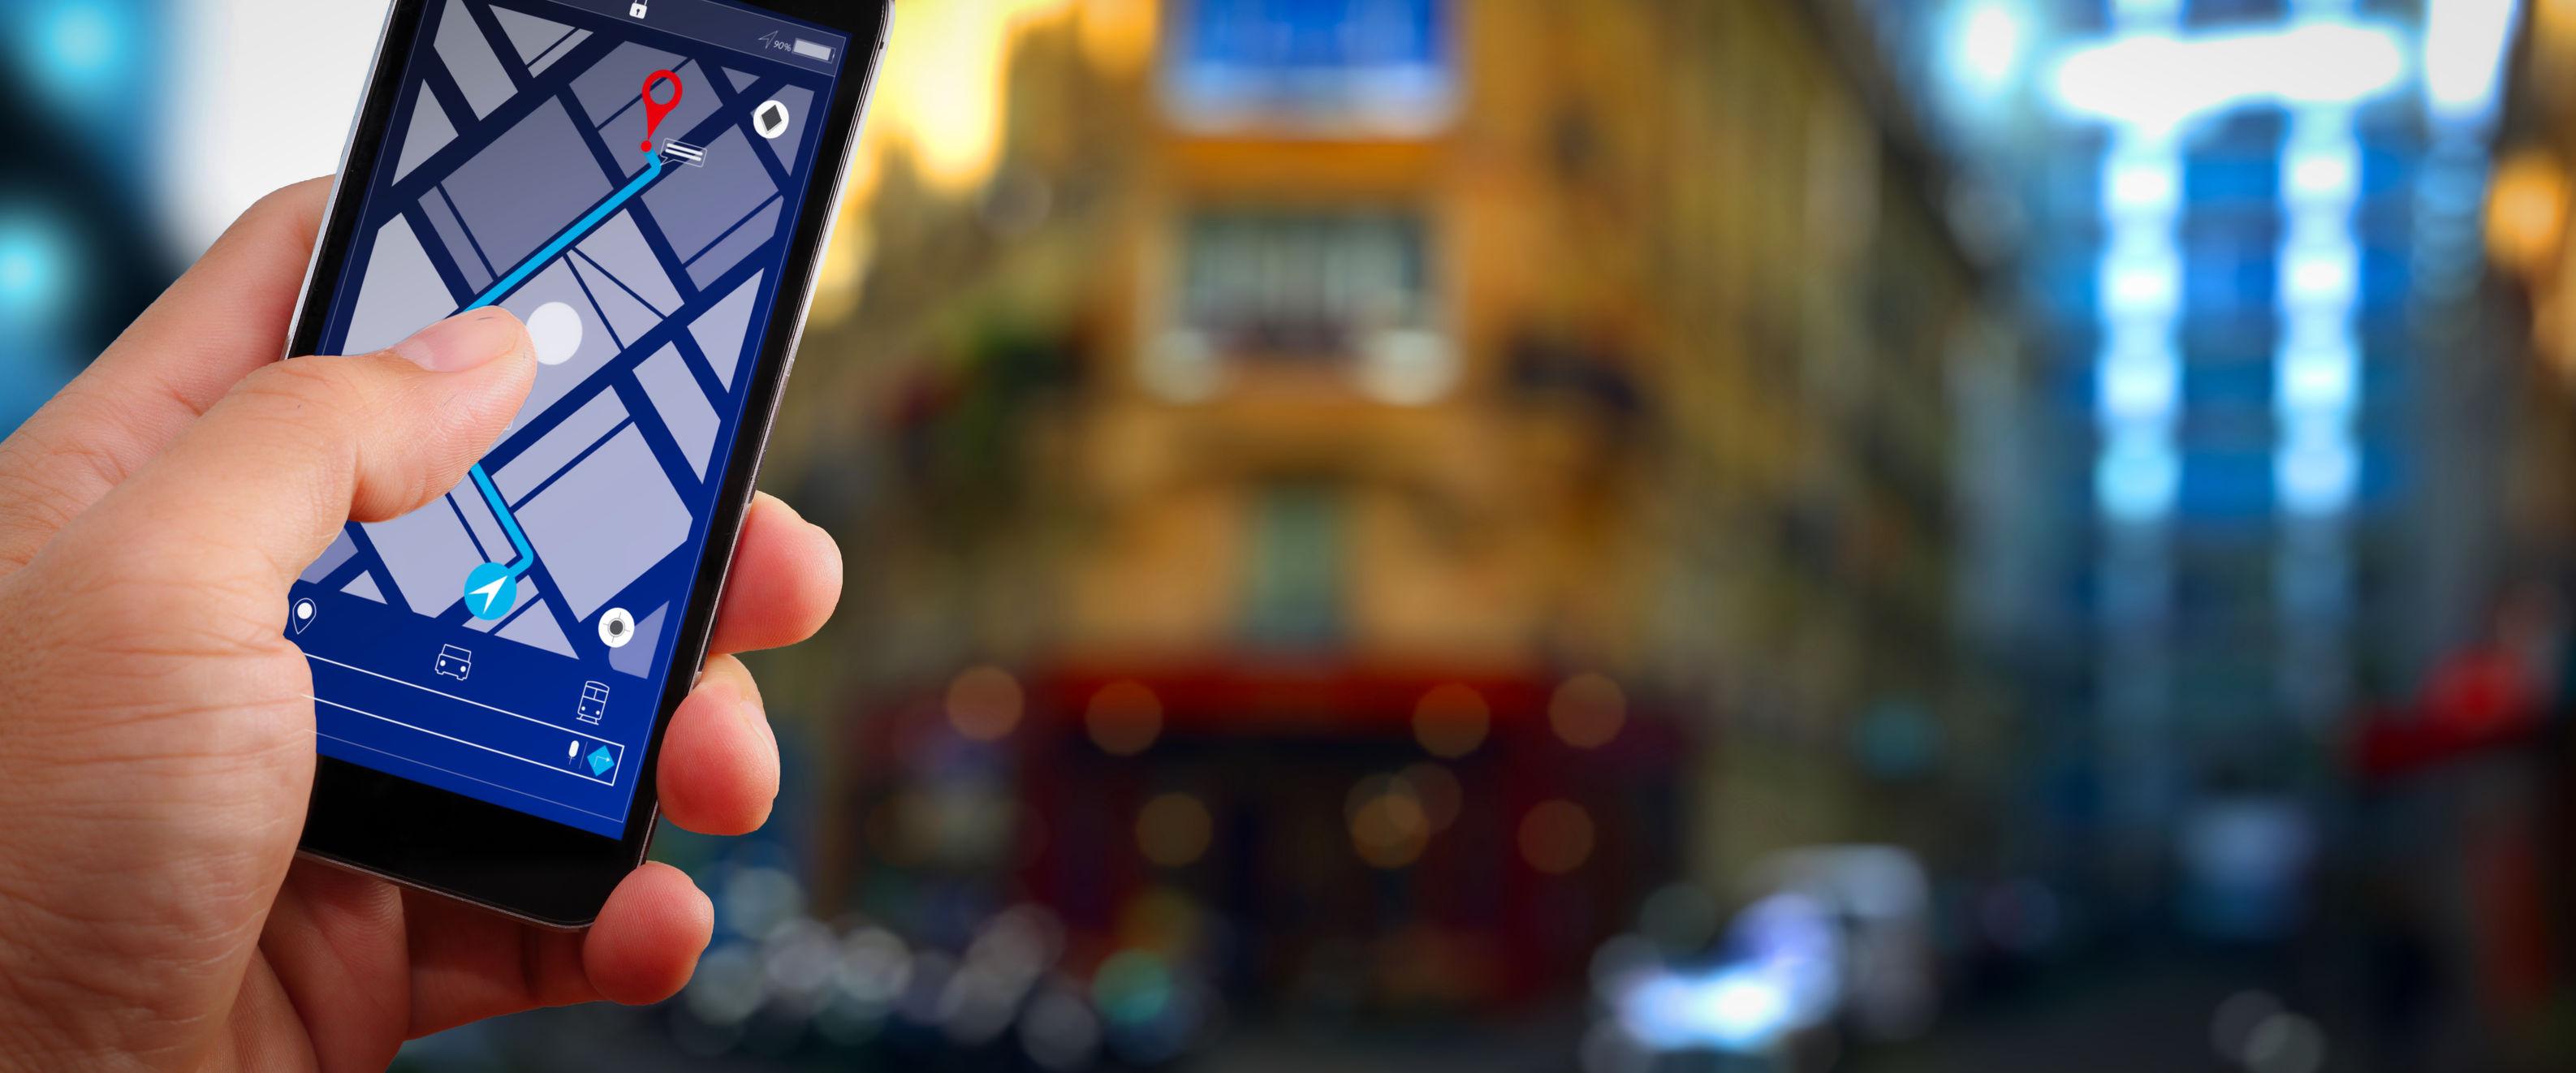 Bluetooth Tracker: Test & Empfehlungen (01/20)